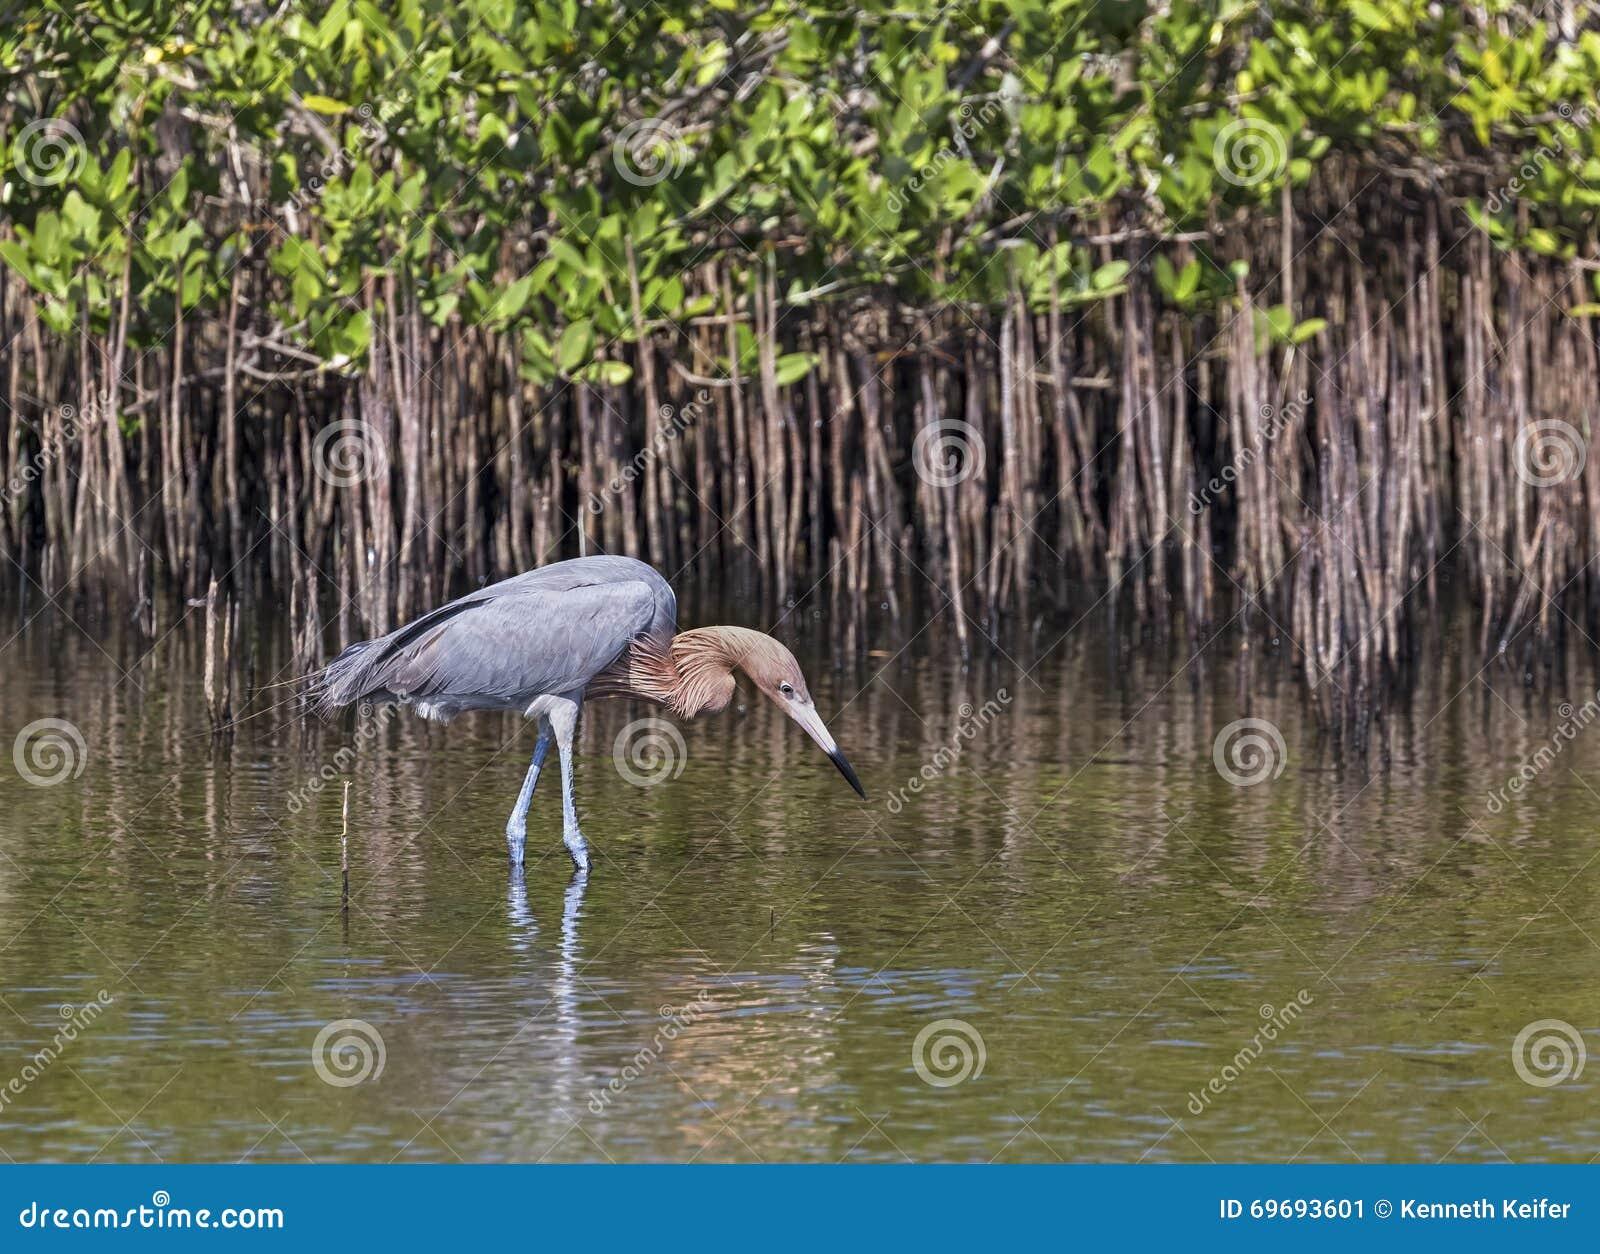 Reddish Egret Stalks Prey